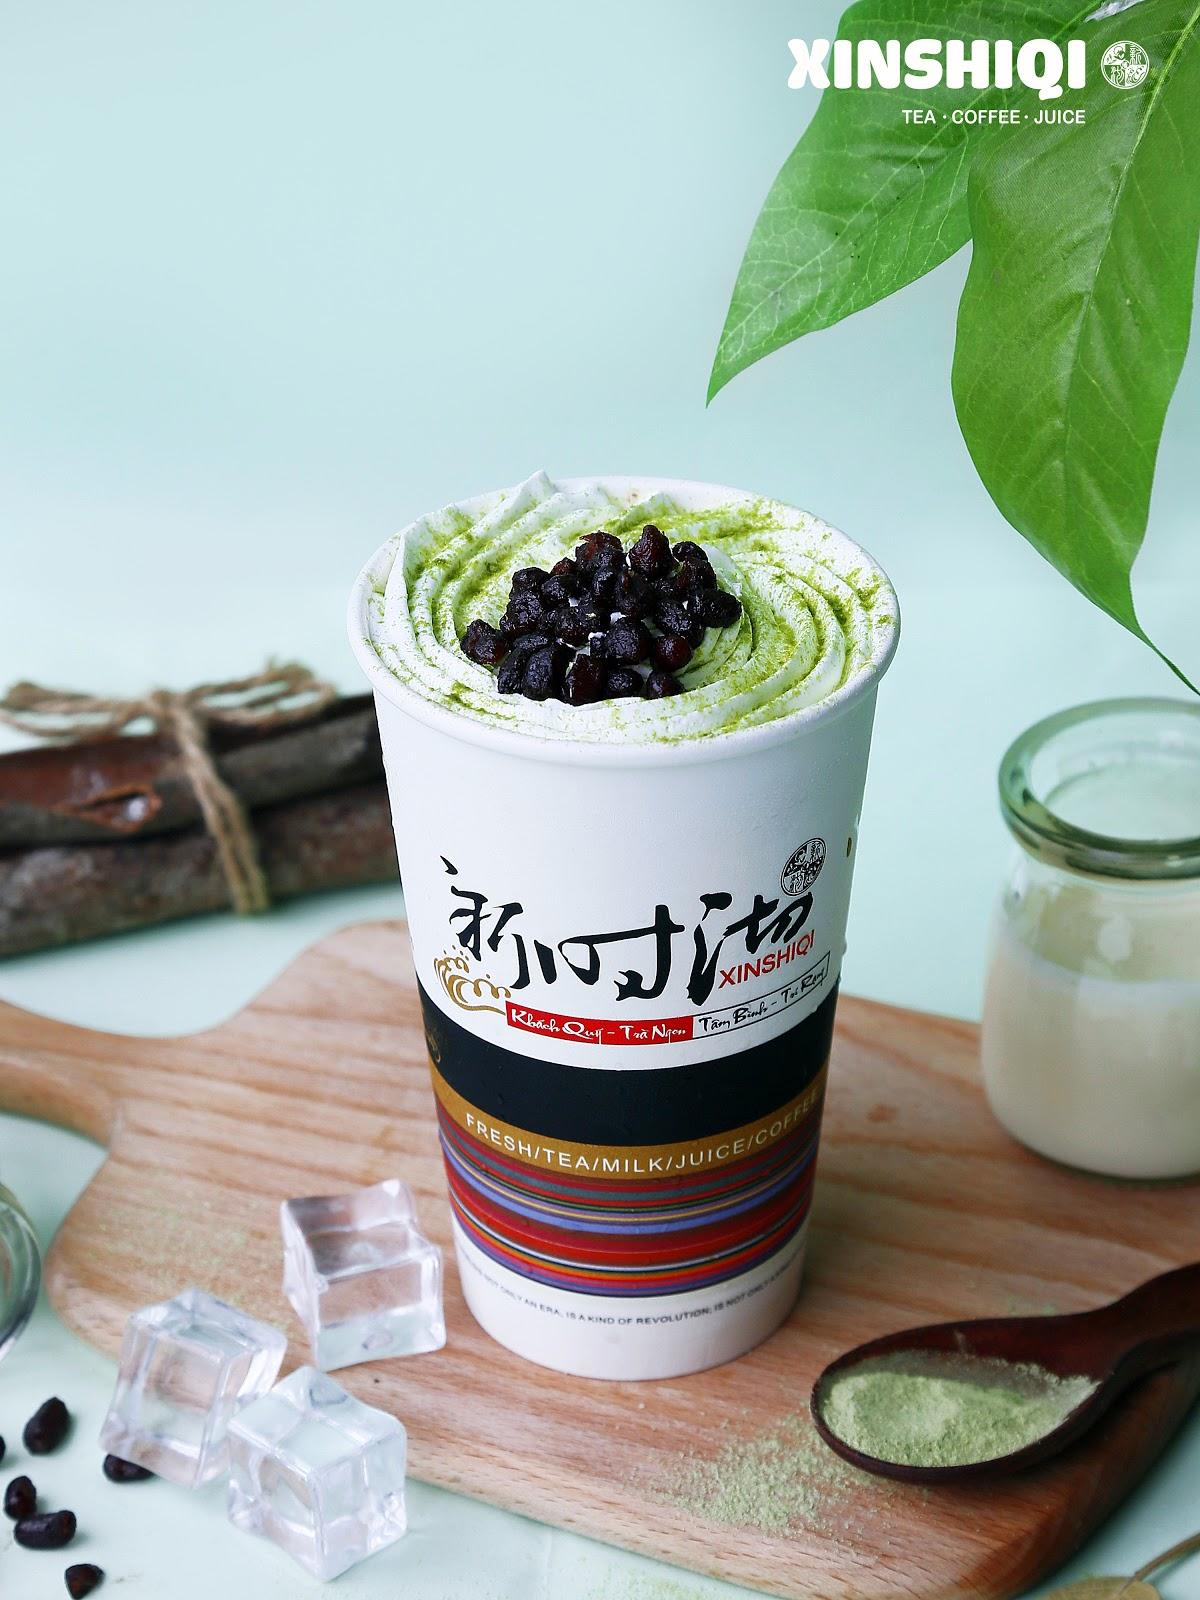 """Giấc mơ """"trà sữa không béo"""" của chị em công sở nay đã thành hiện thực với Xinshiqi1"""